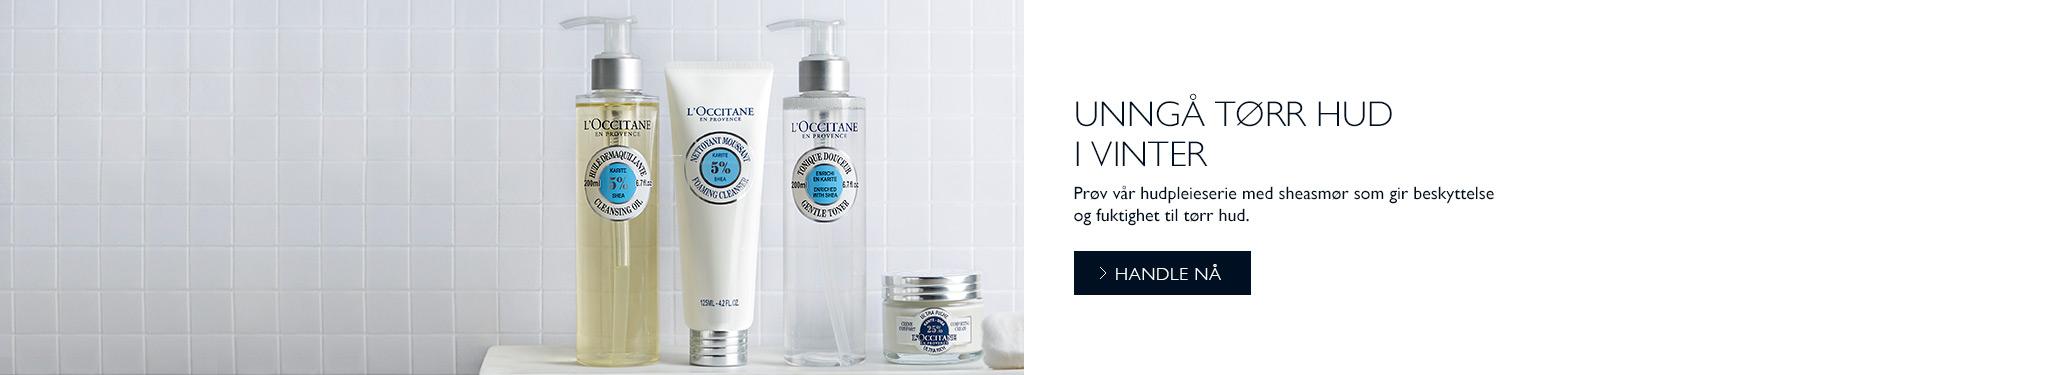 Unngå tørr hud i vinter